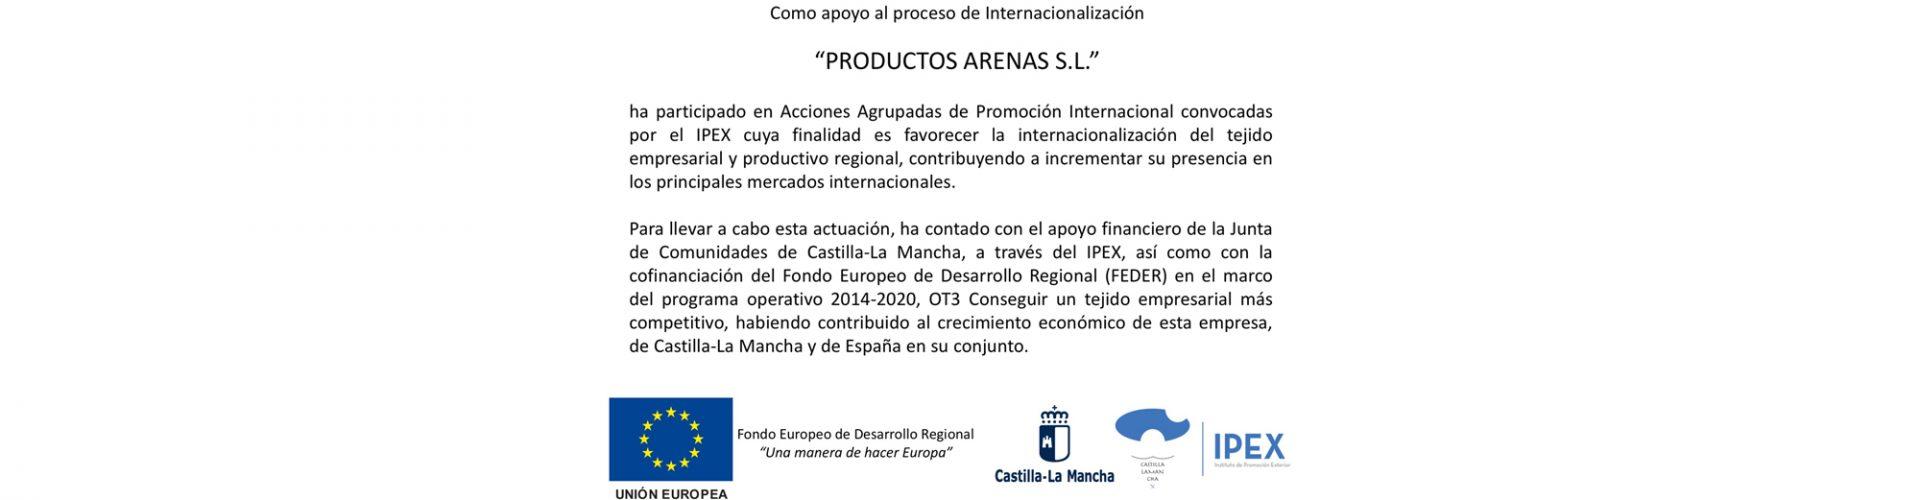 Apoyo al proceso de Internacionalización